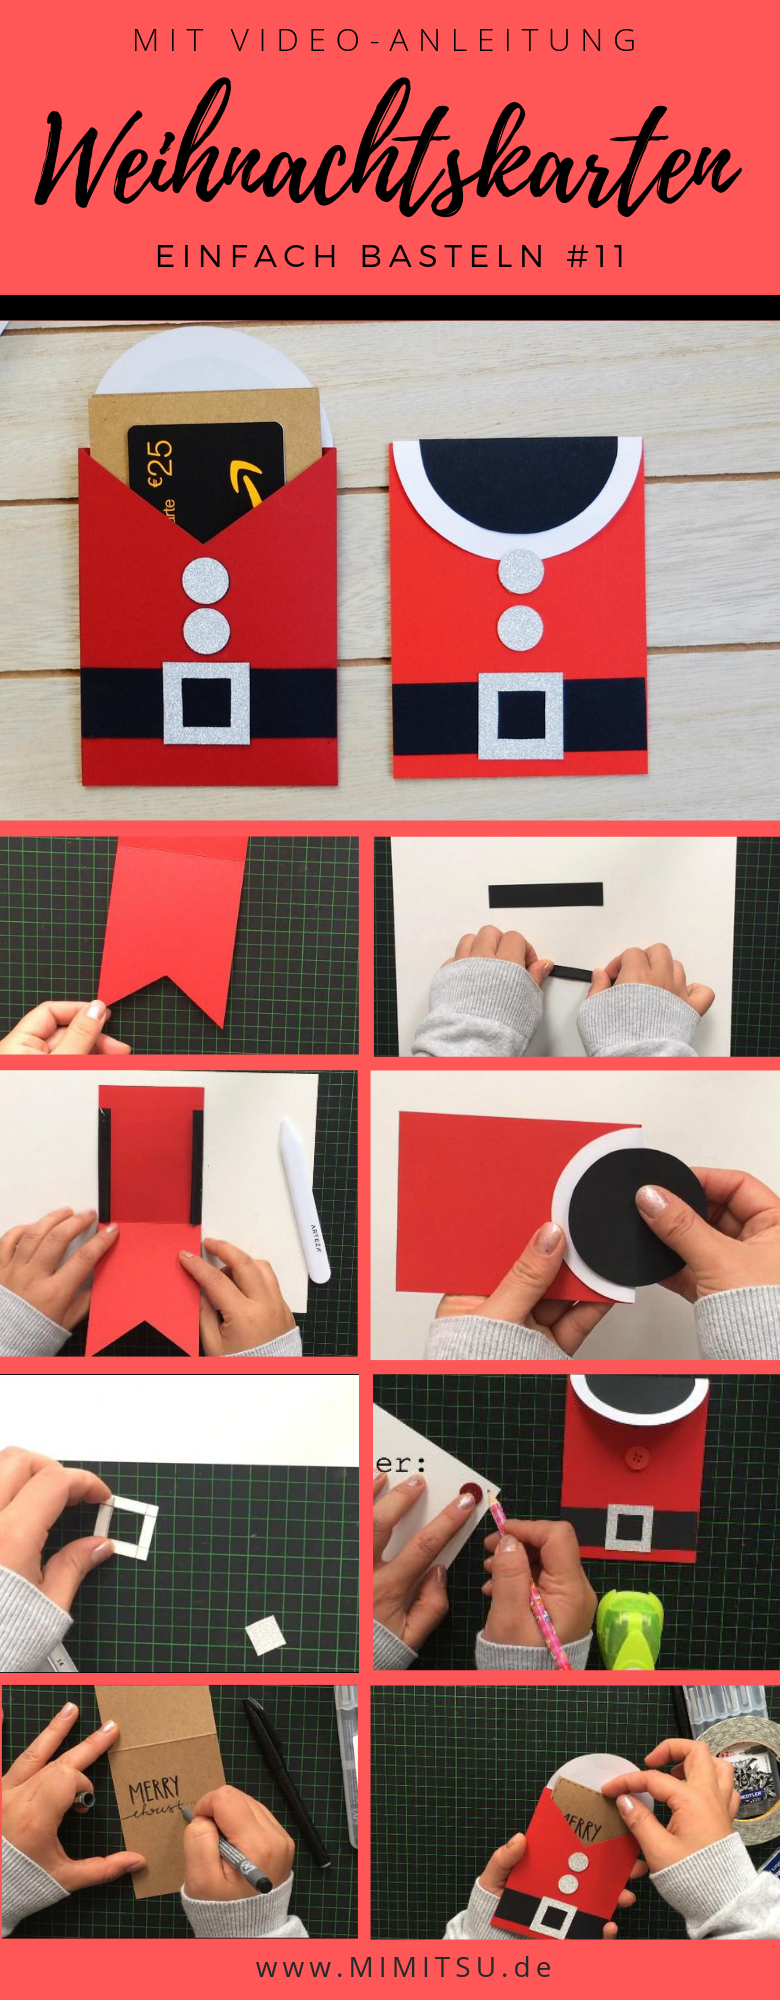 Heute zeige ich dir meine 11. Weihnachtskarte, die du mit einfachen Materialien ganz leicht selber basteln kannst! #santa #weihnachtsmann #santaclaus weihnachtsmann Kostüm  basteln mit Papier, Weihnachten #Bastelidee #Weihnachtskarte #christmascard #basteln #Weihnachtskarten  #diy #weihnachtenidee #diytutorial #gutscheinkarte #weihnachtskartenbastelnmitkindern